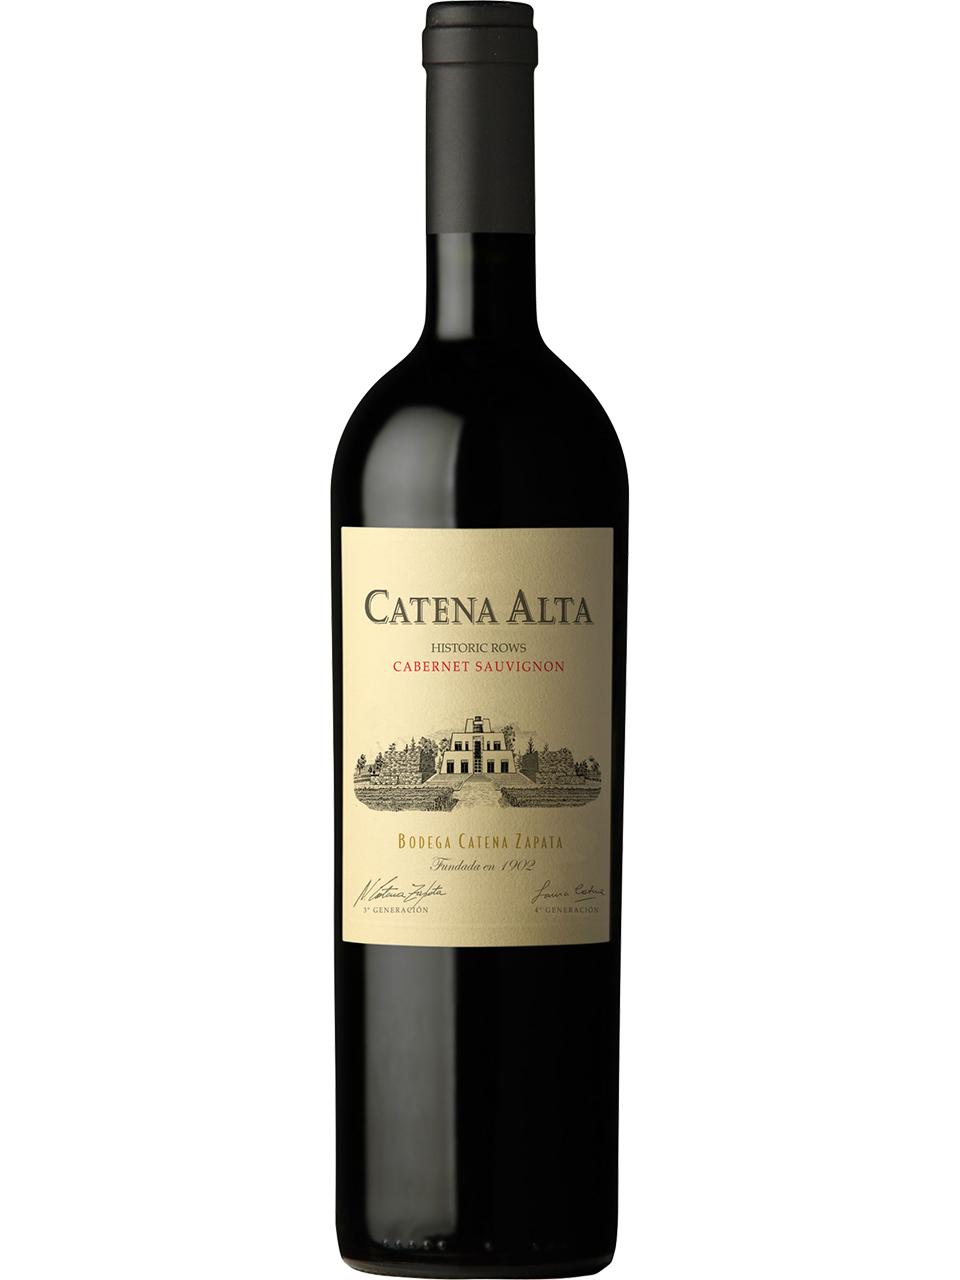 Catena Alta Cabernet Sauvignon 2018